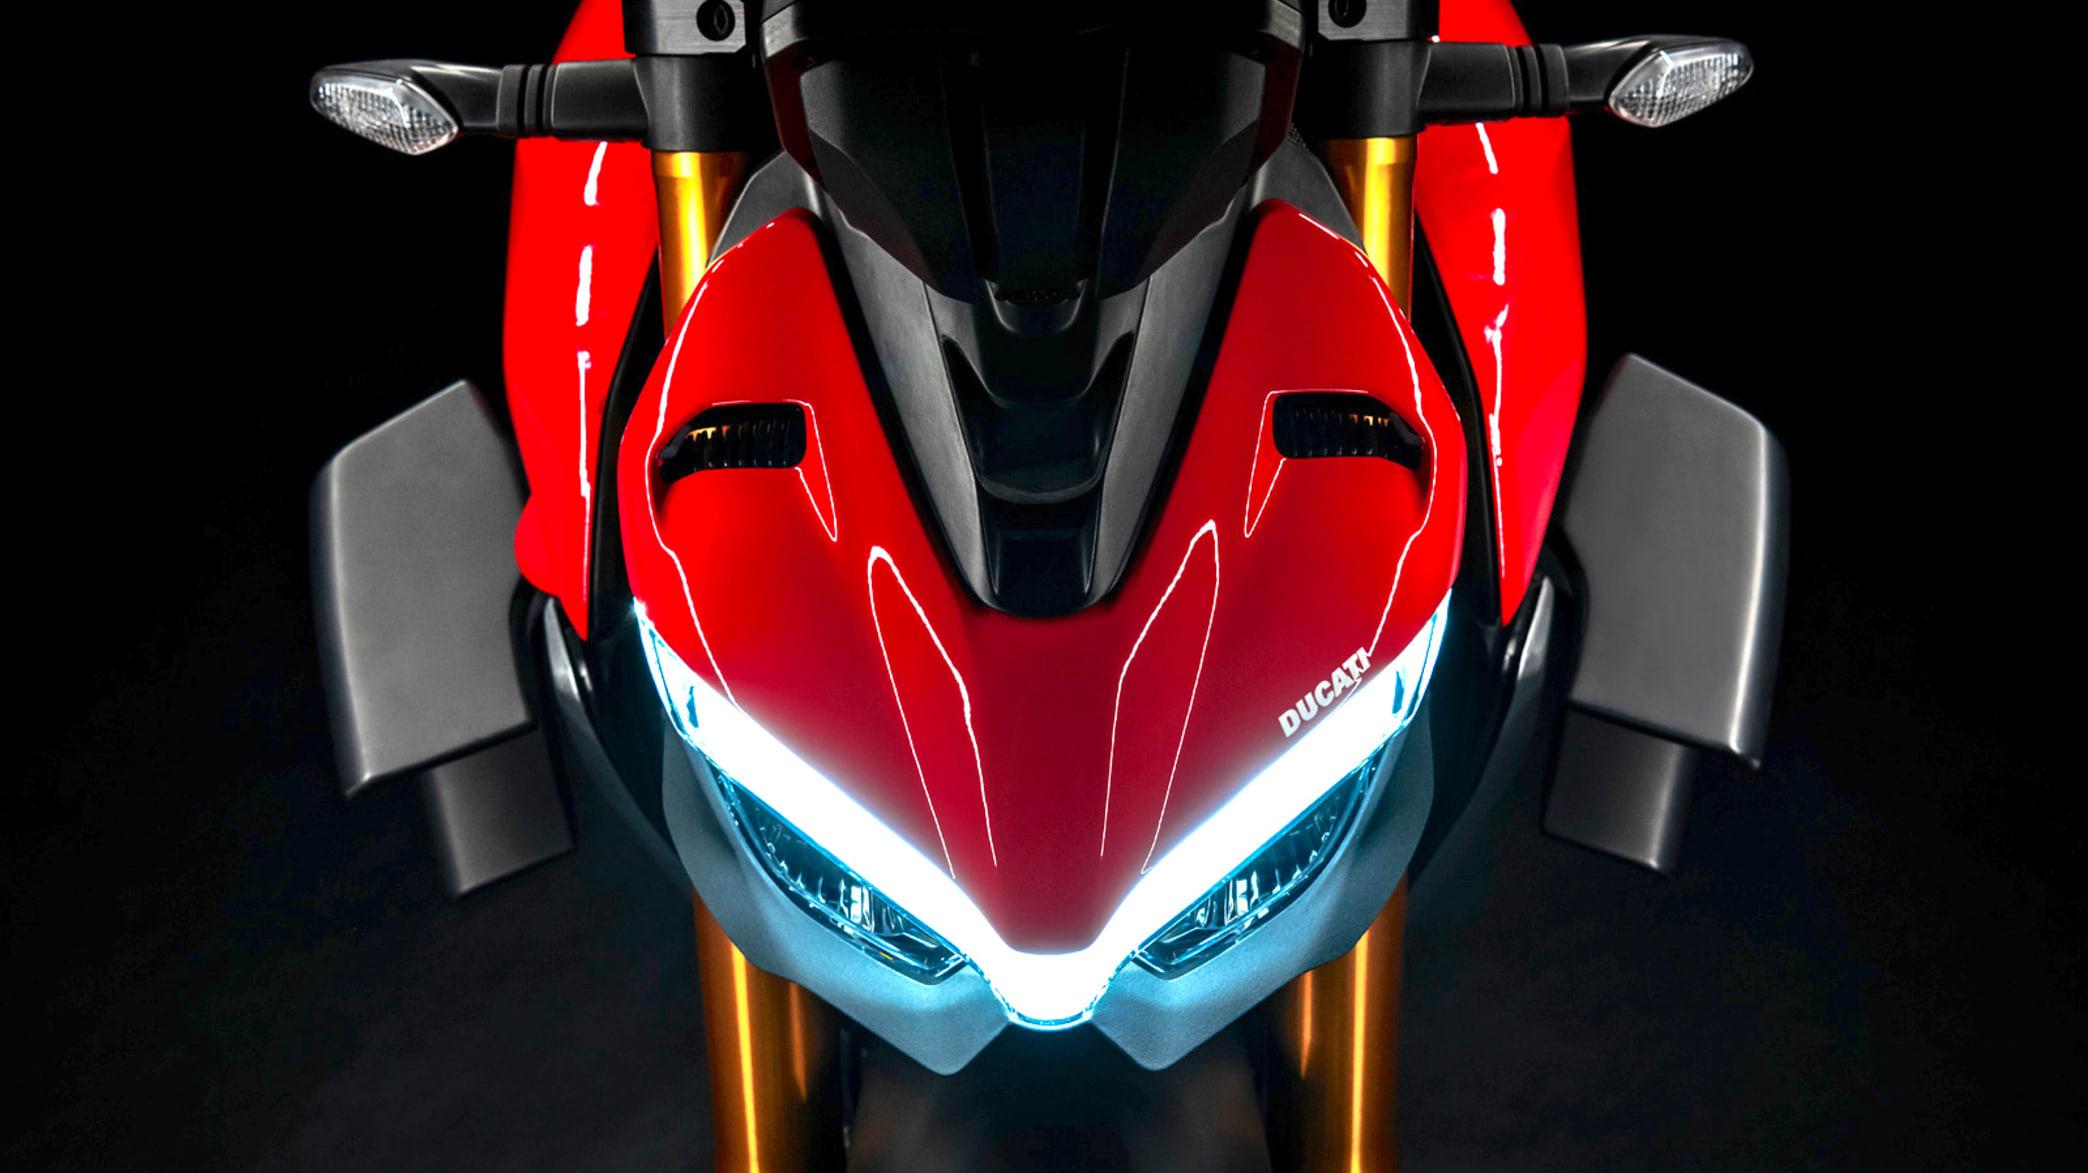 Scheinwerfer einer Ducati Streetfighter